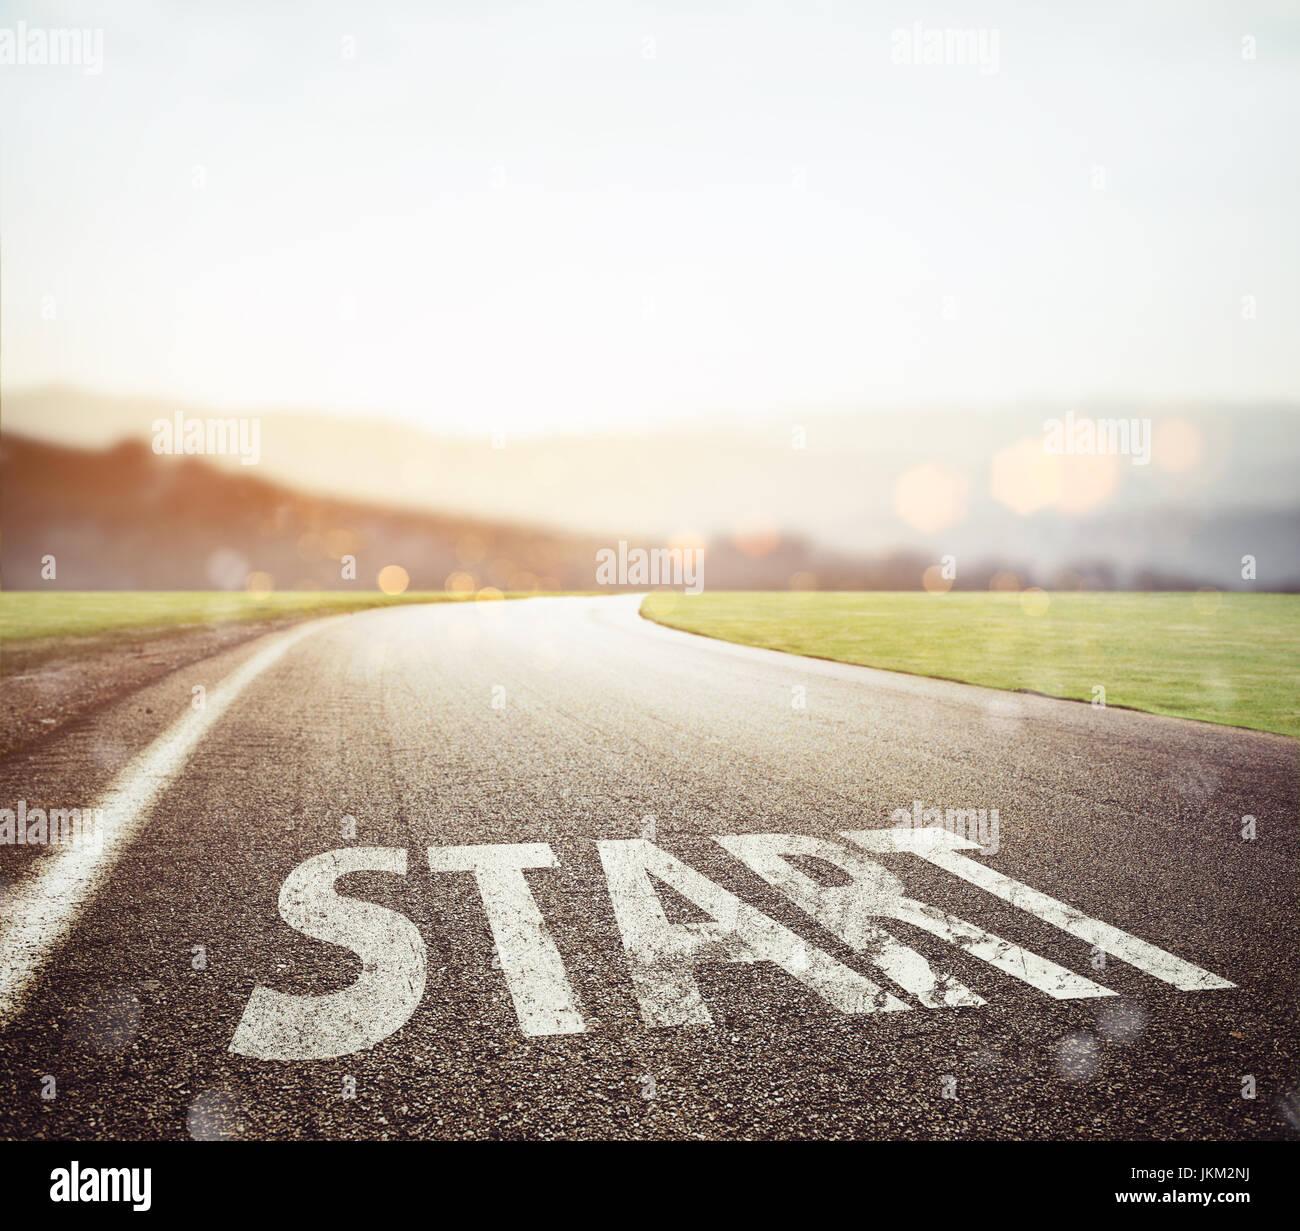 Start geschrieben am Boden auf einer Straße bei Sonnenuntergang Stockbild